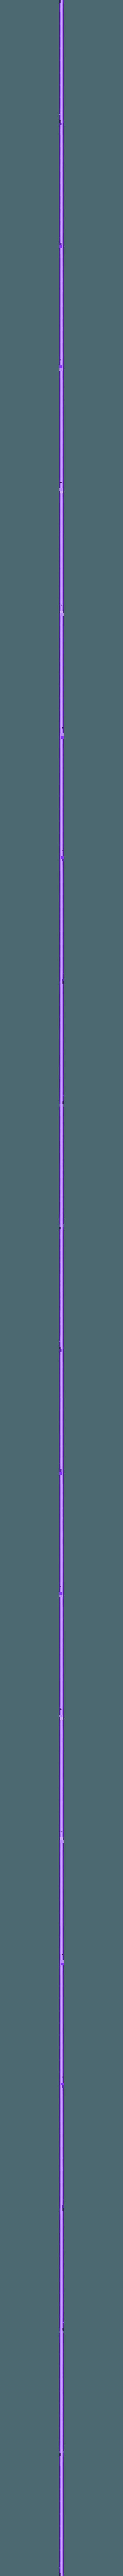 Drive shaft.stl Télécharger fichier STL gratuit WLtoys A959 • Plan imprimable en 3D, EvolvingExtrusions